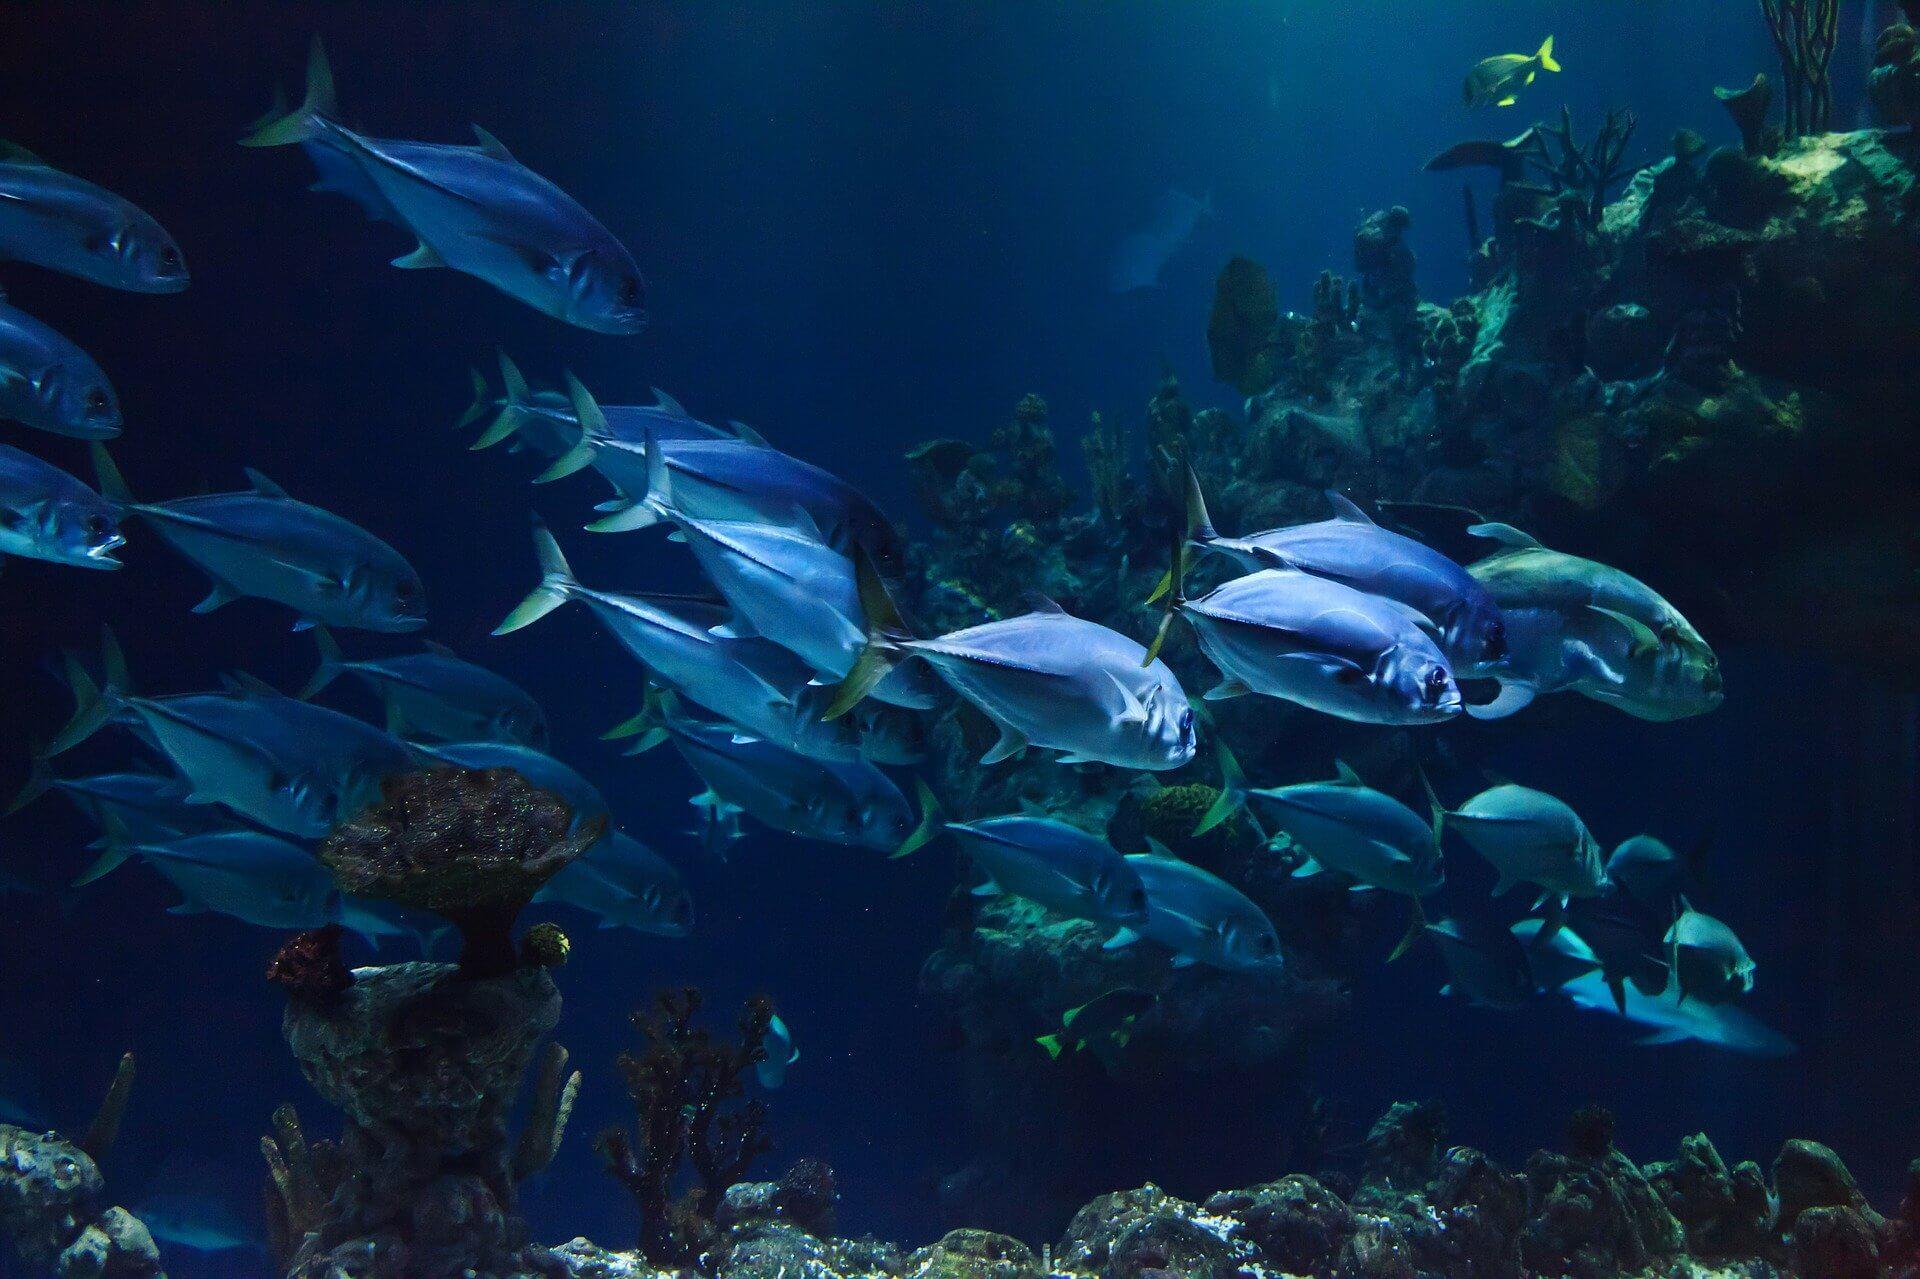 Banc de poisson en Nouvelle-Calédonie